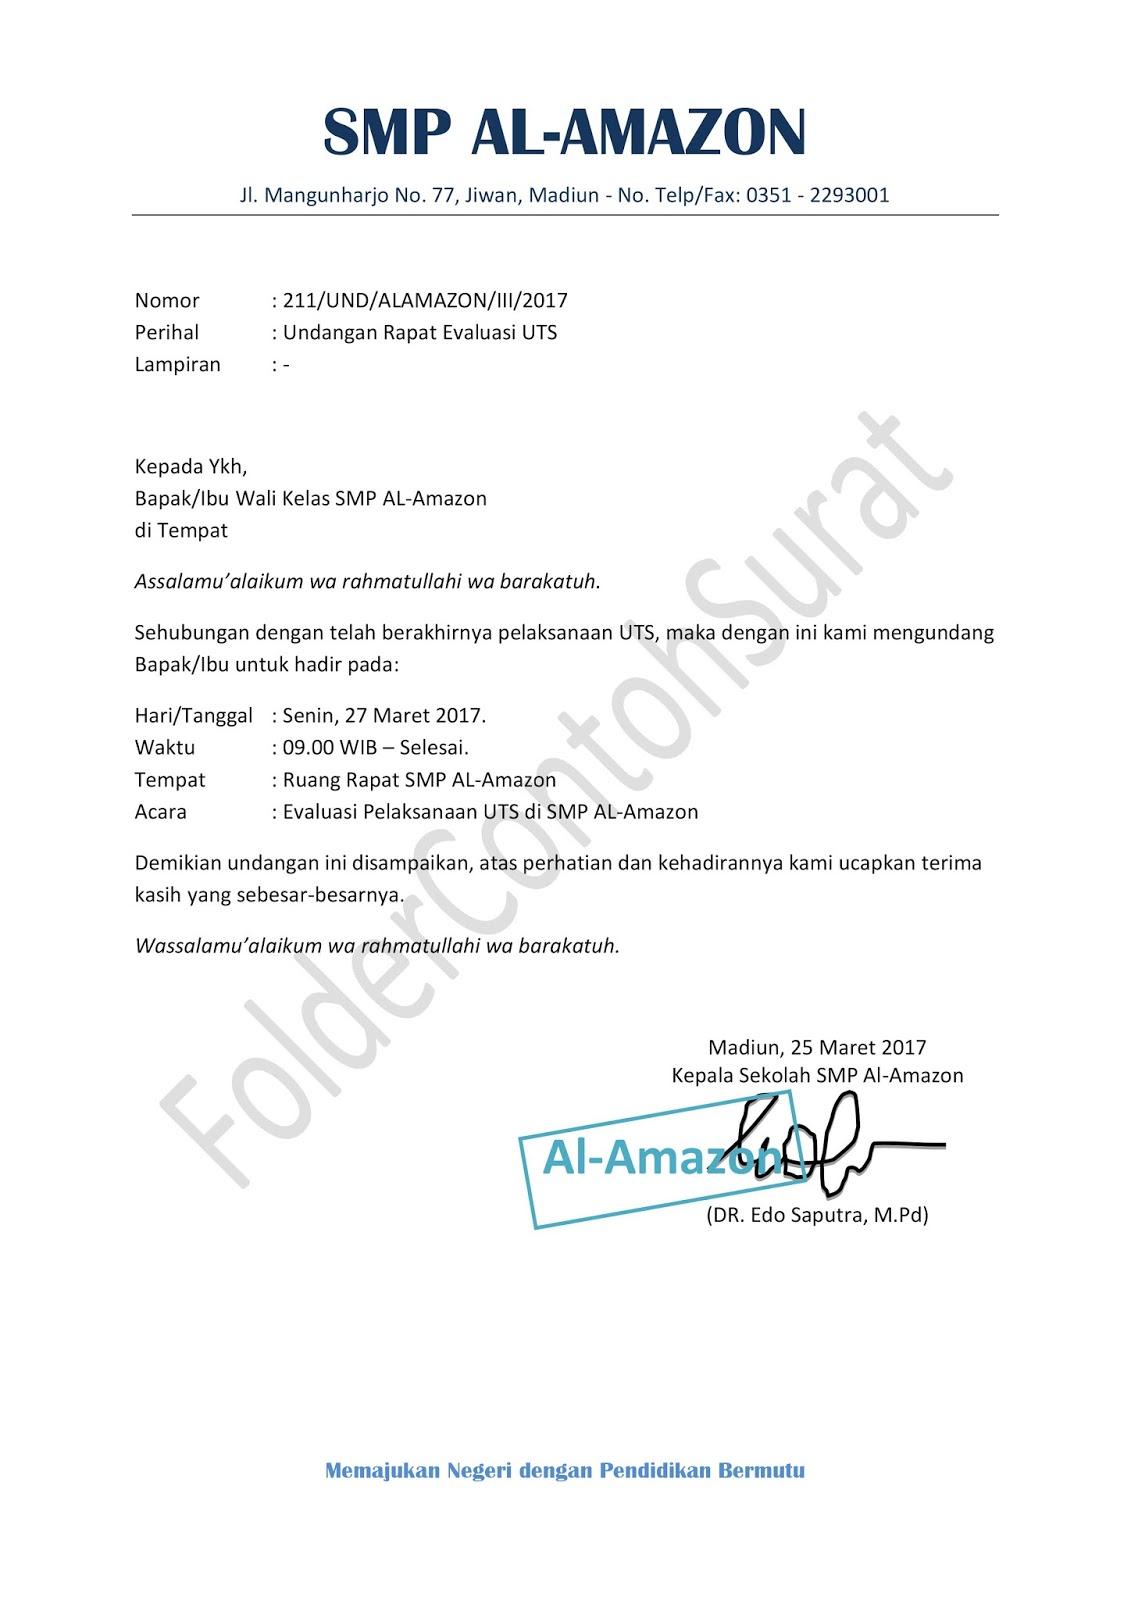 Contoh Surat Undangan Rapat Resmi Yang Baik Folder Contoh Surat